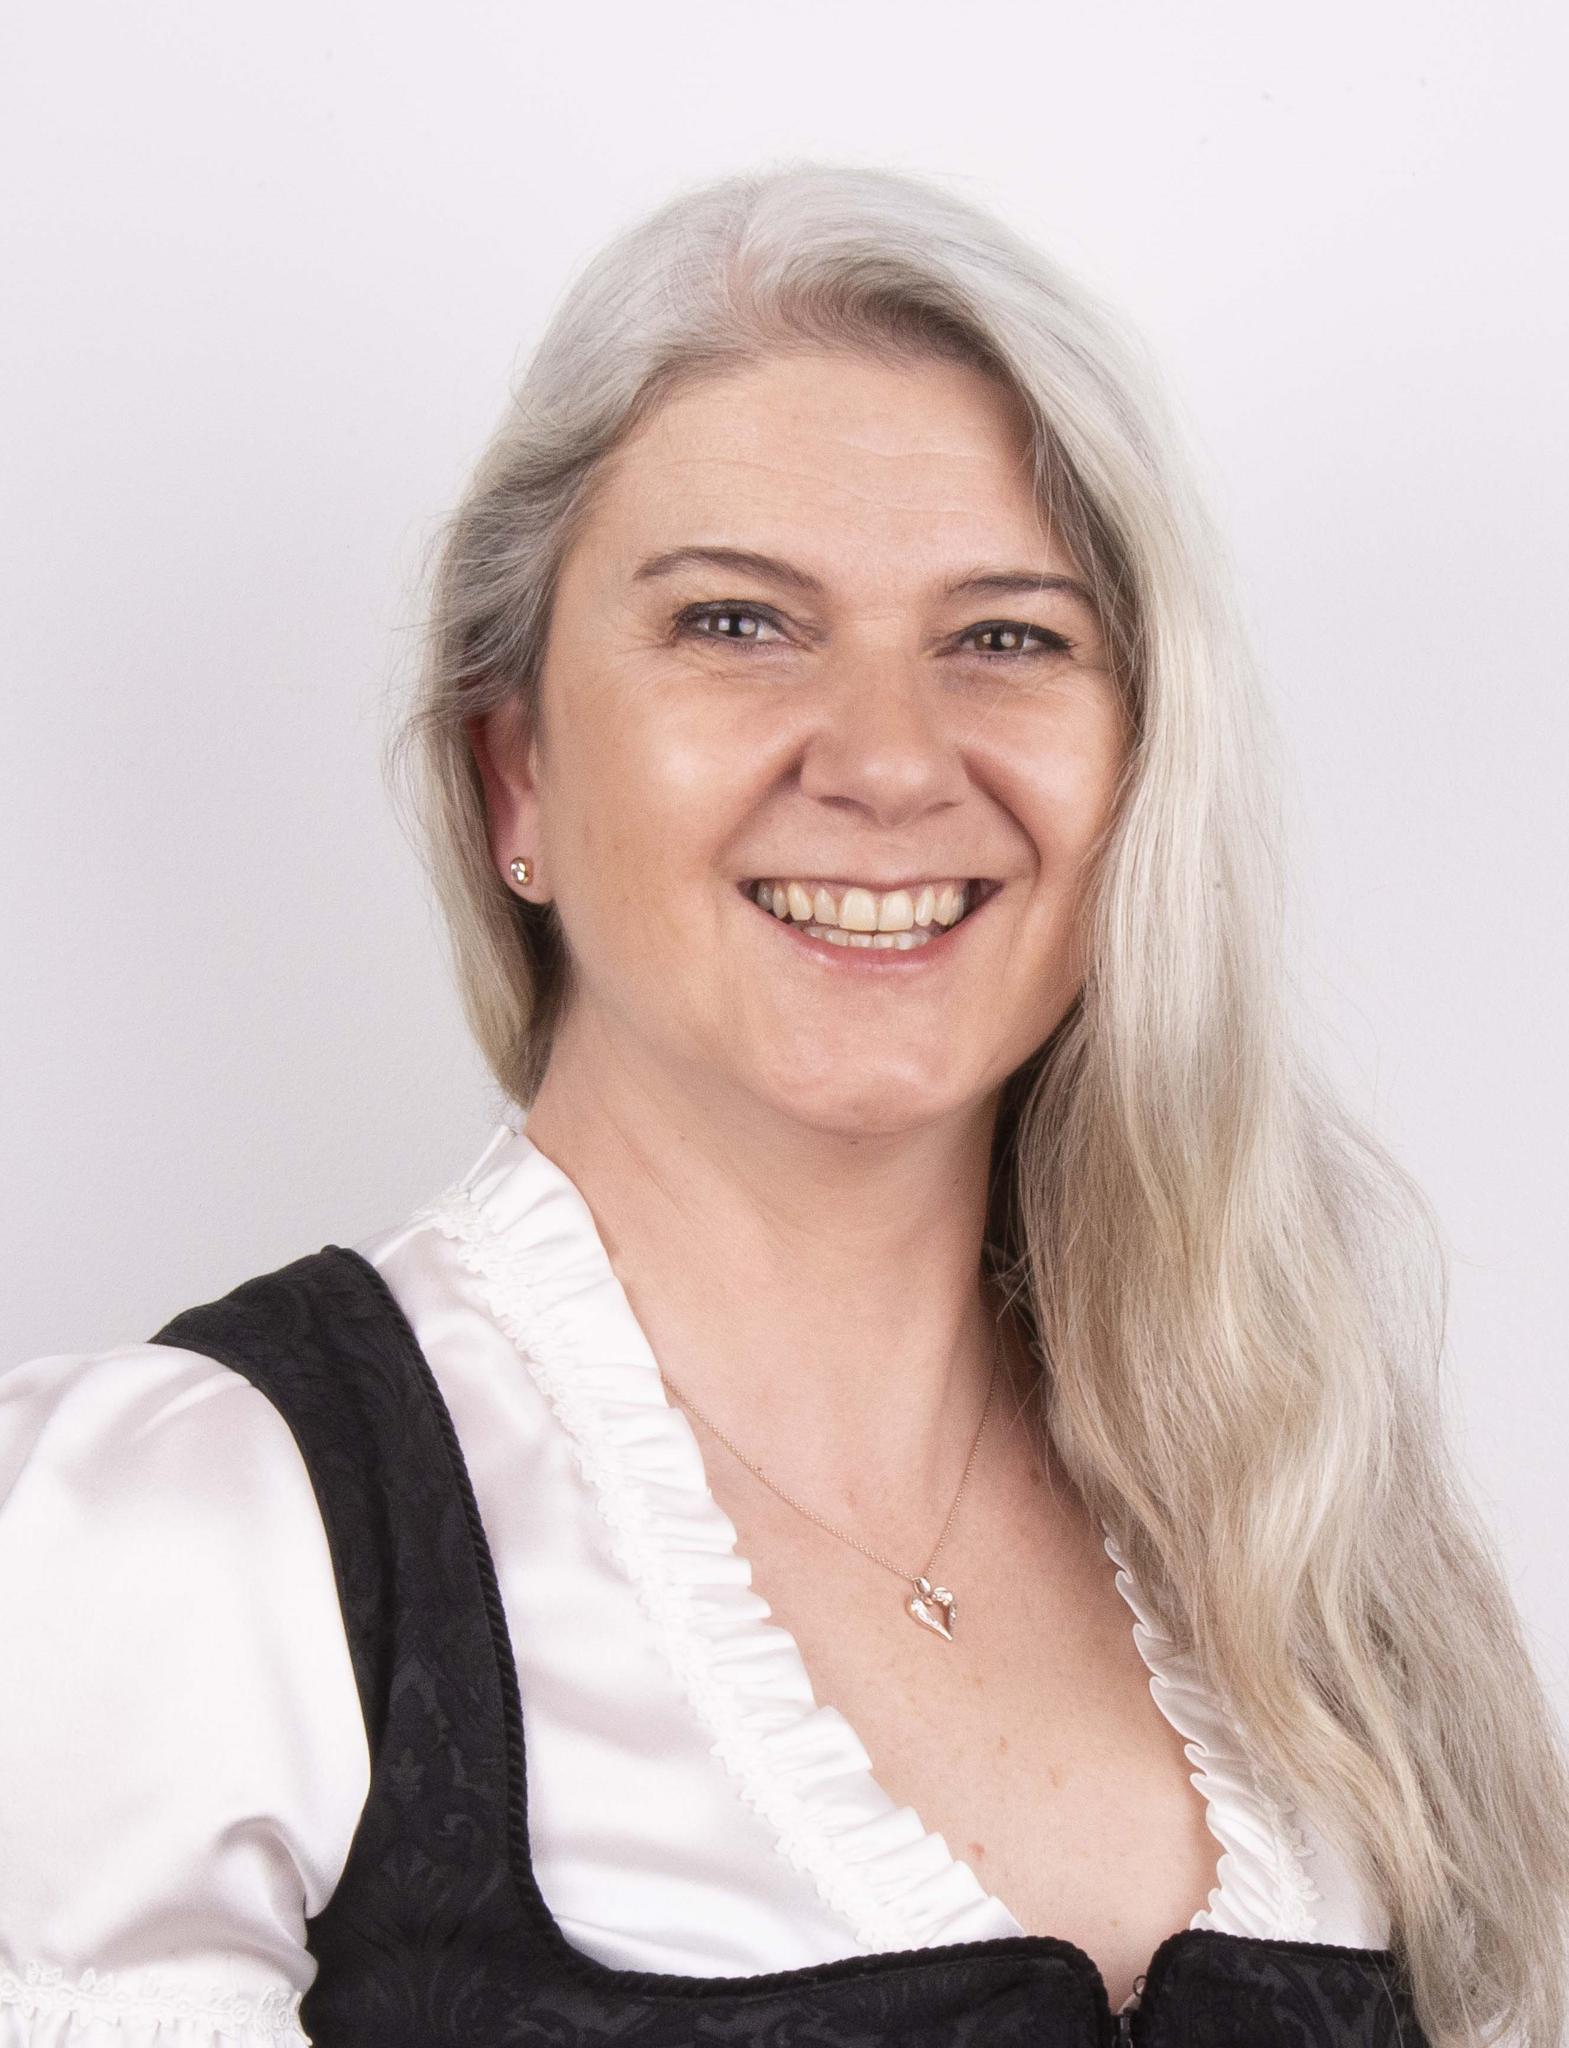 Sie sucht Ihn Mistelbach | Frau sucht Mann | Single-Frauen